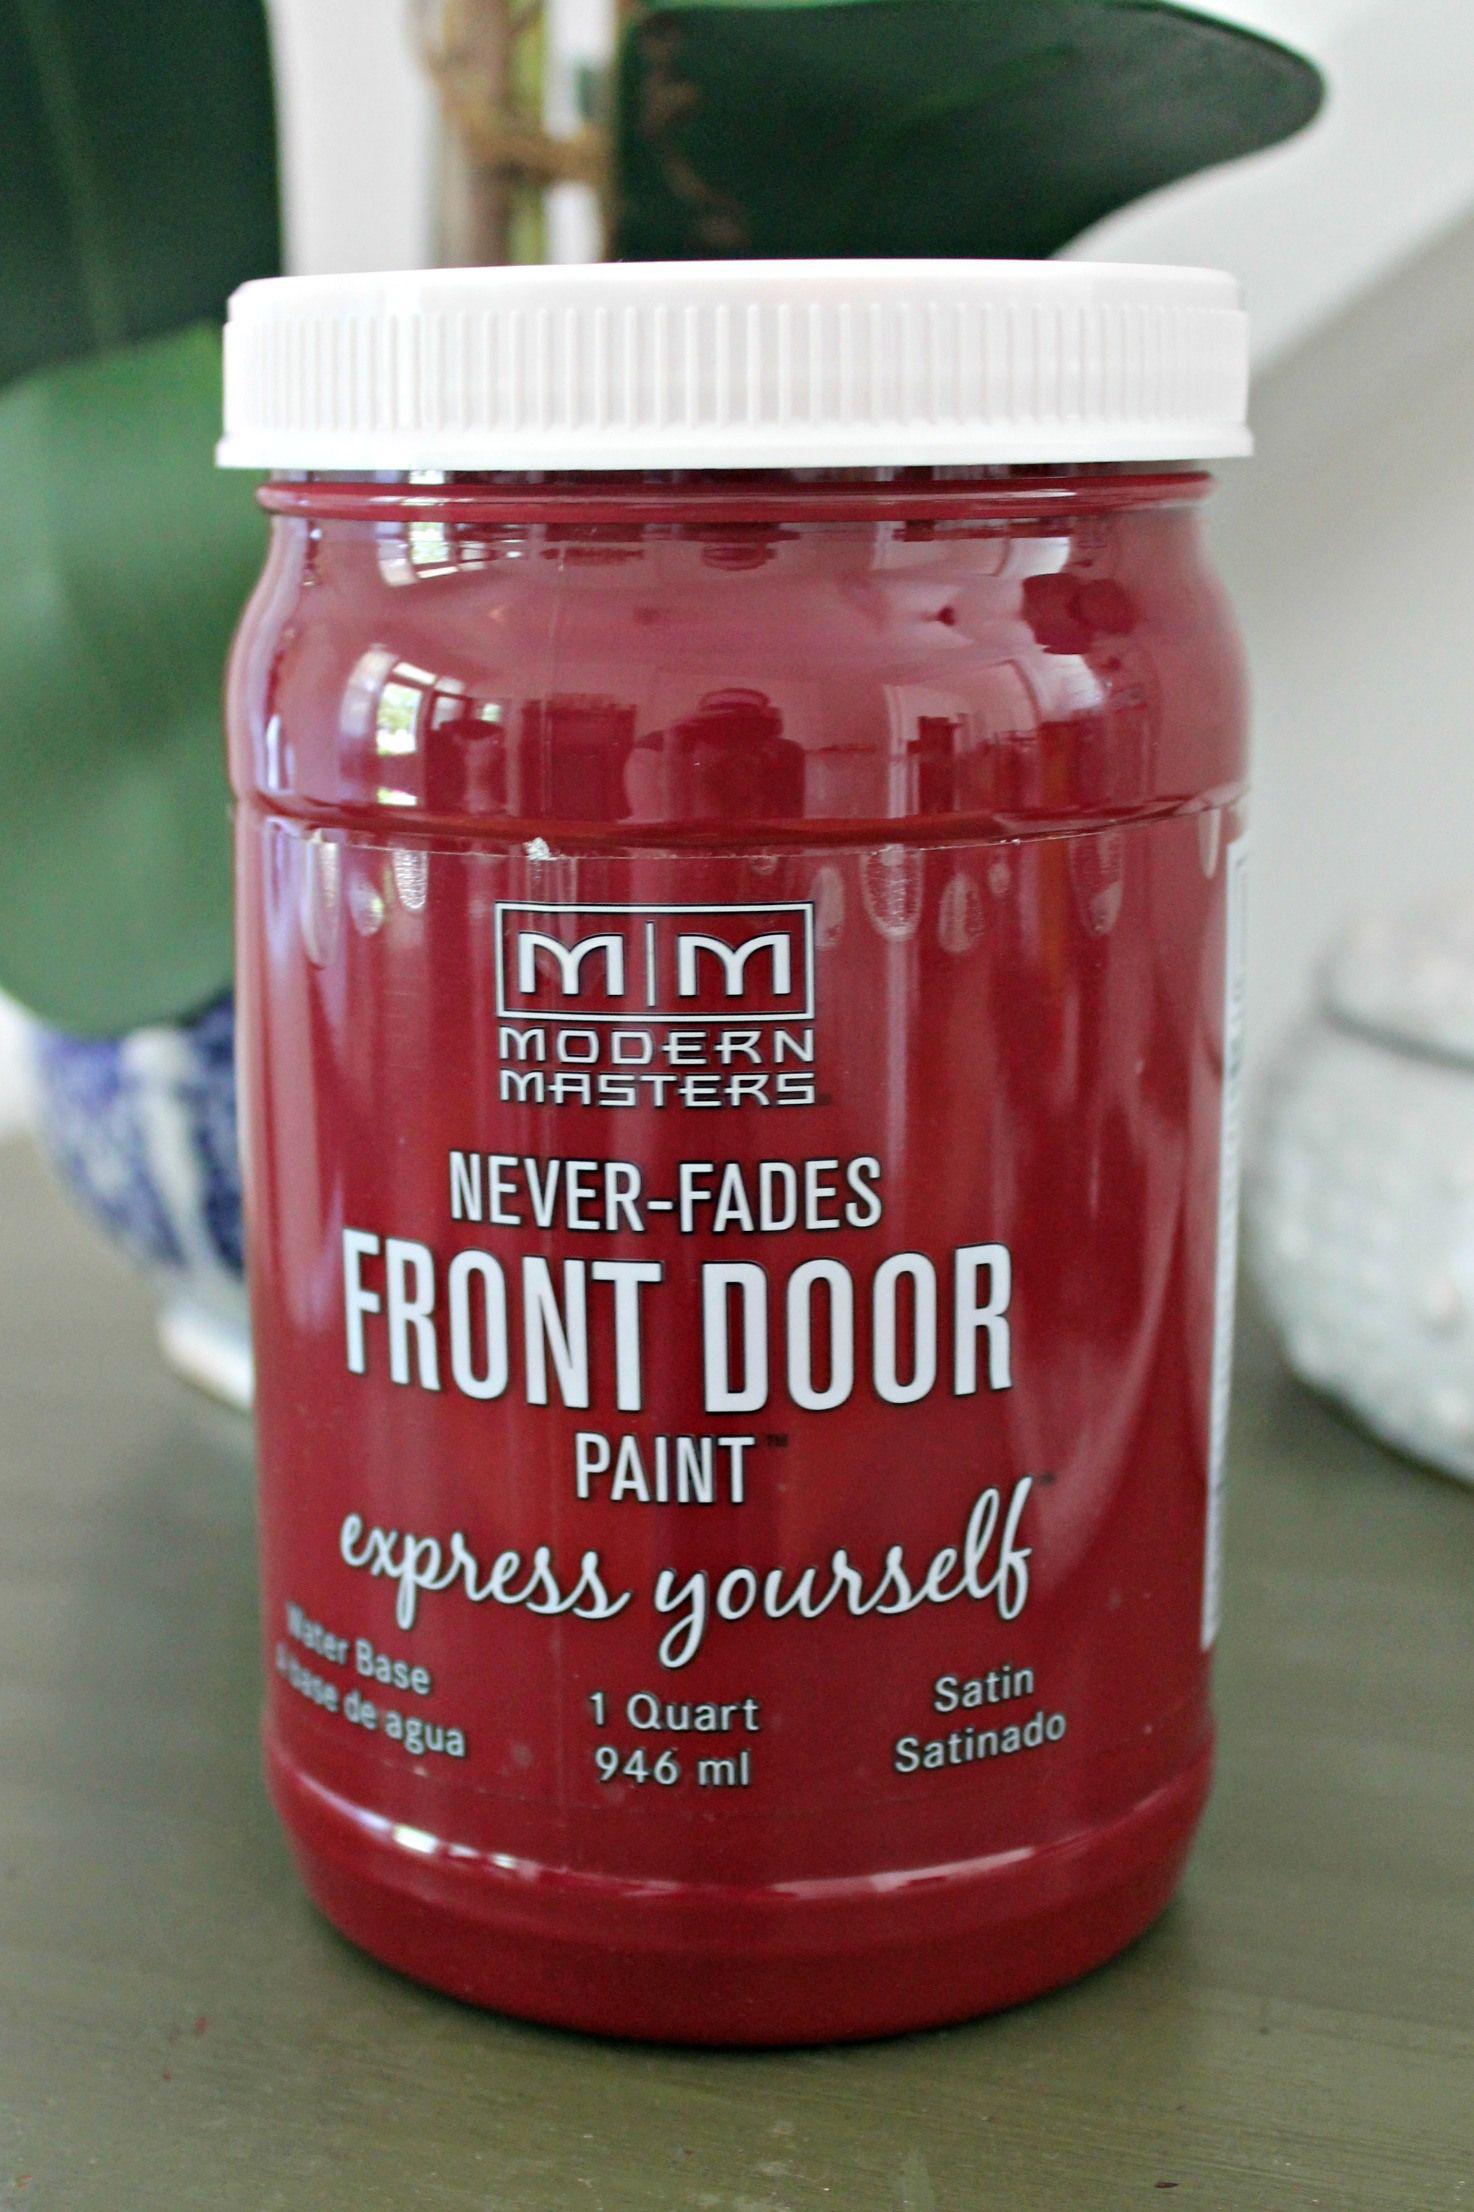 Img 5633 Jpg 1 474 2 212 Pixels Painted Front Doors Front Door Painted Doors